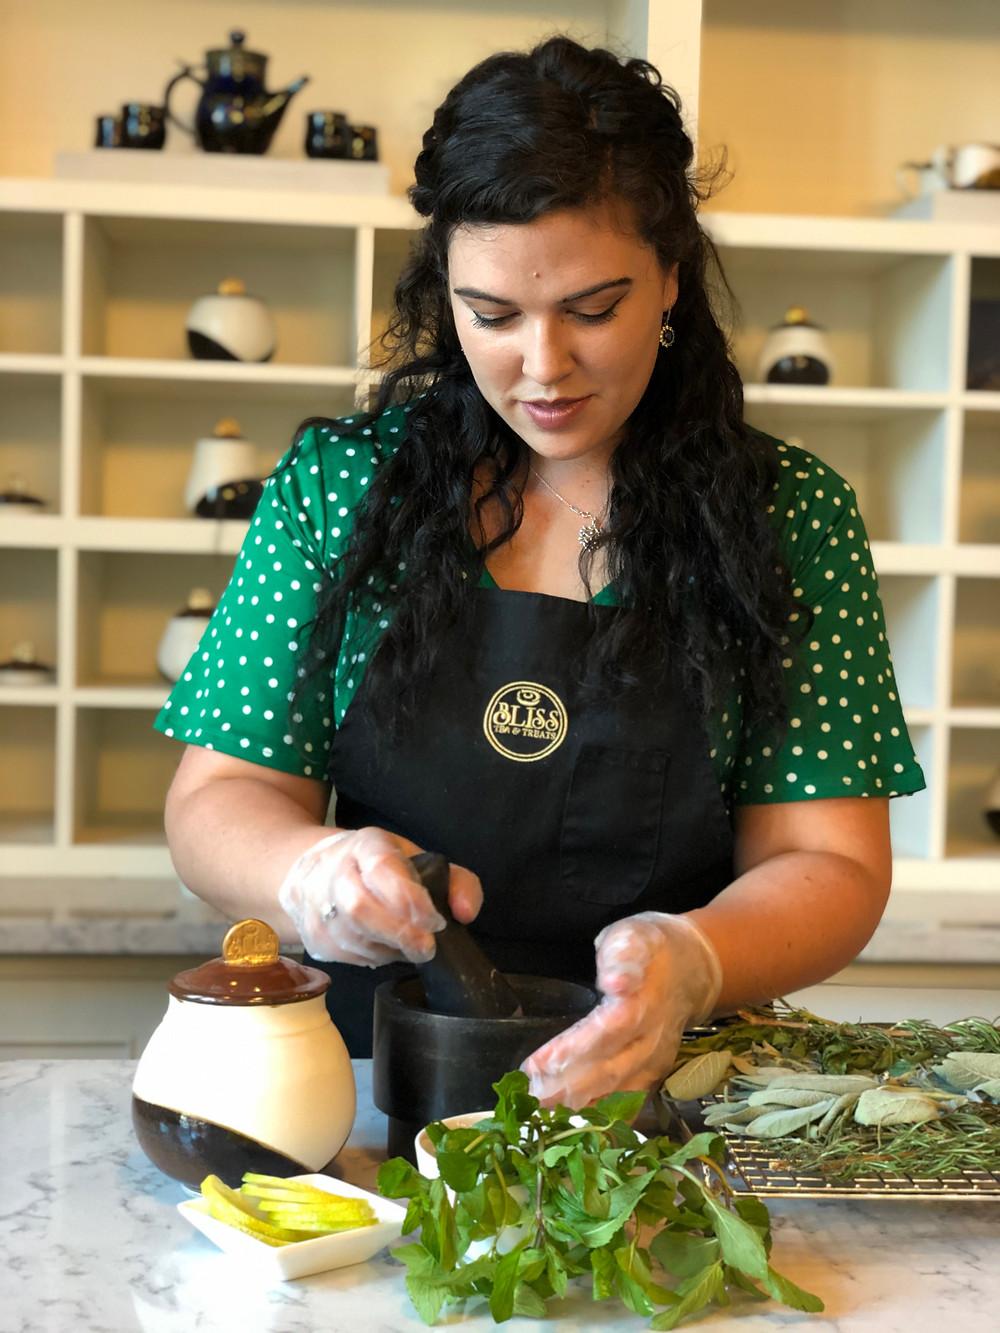 Women blending herbs